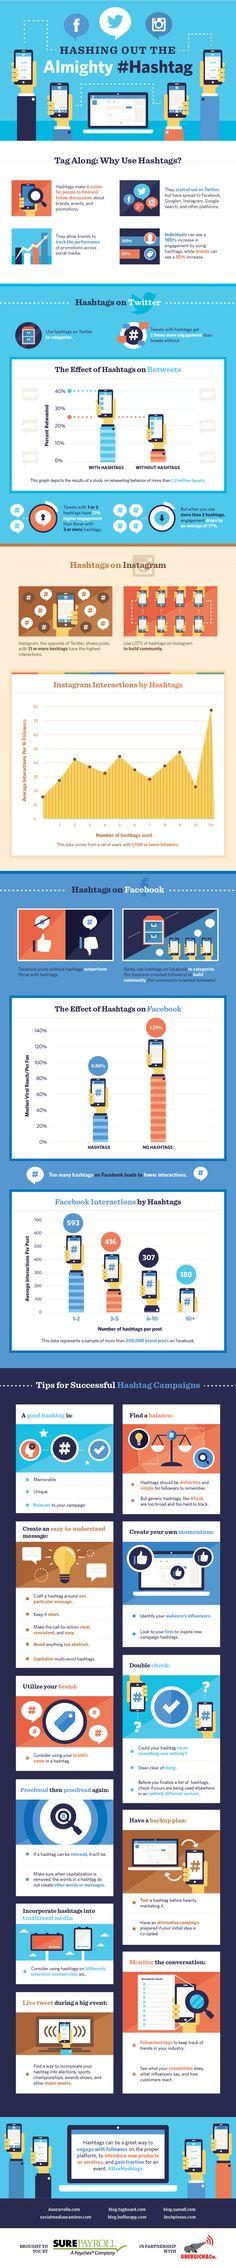 Il potere dell' #hashtag in #infografica, reali benefici di un simbolo #socialmarketing